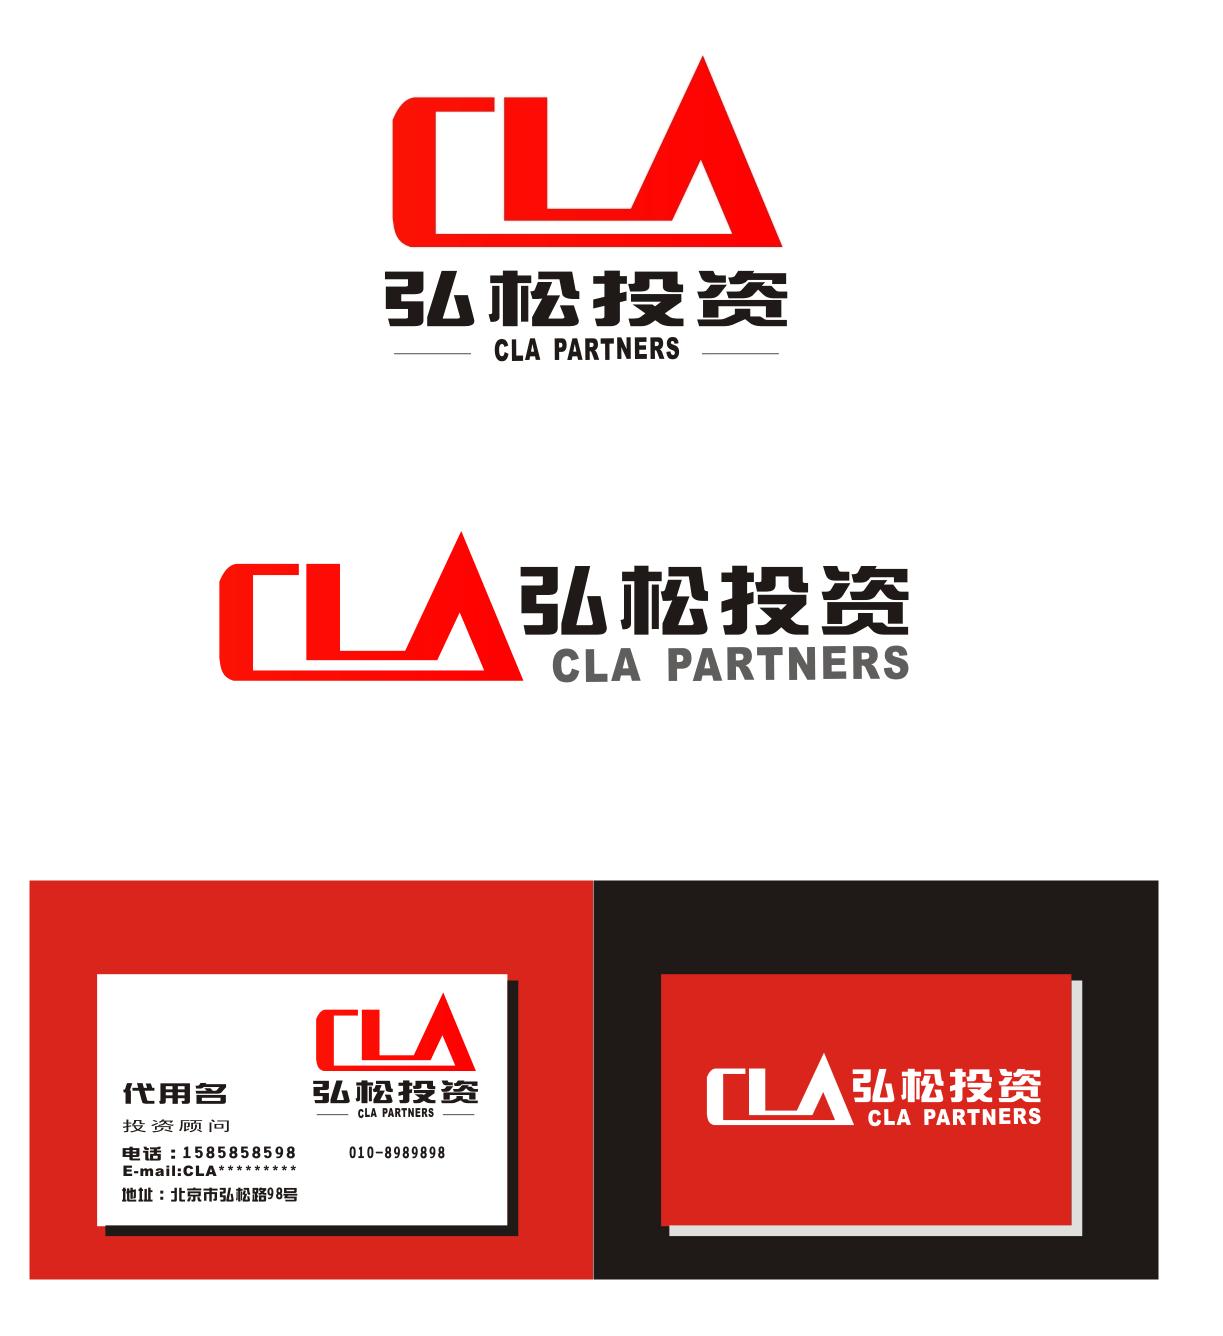 北京弘松投资咨询公司logo/名片设计